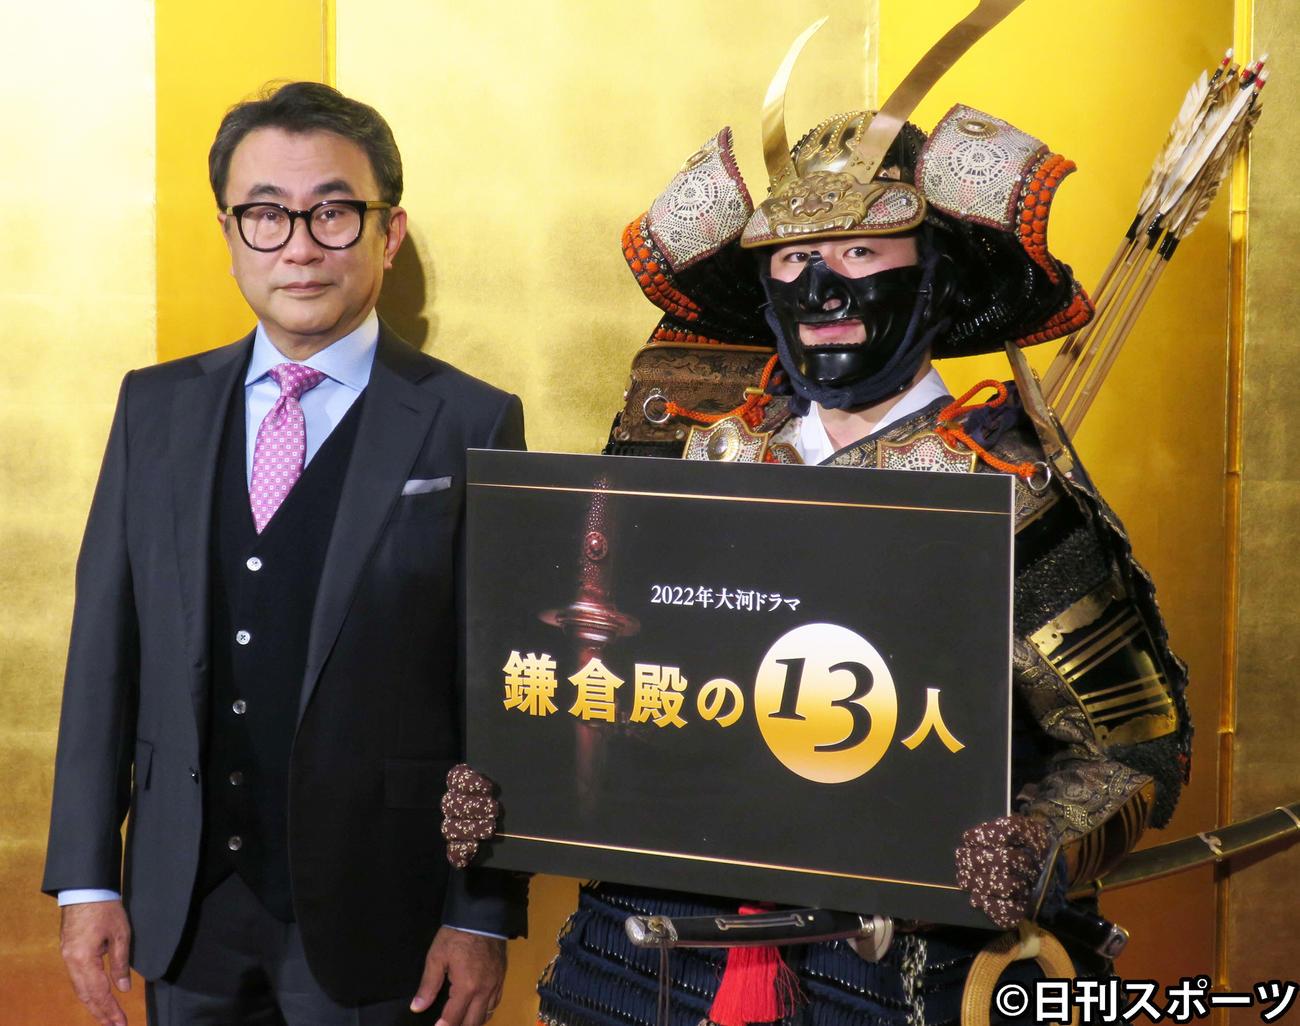 22年大河ドラマ「鎌倉殿の13人」の発表会見を行った脚本家三谷幸喜氏(2020年1月8日撮影)